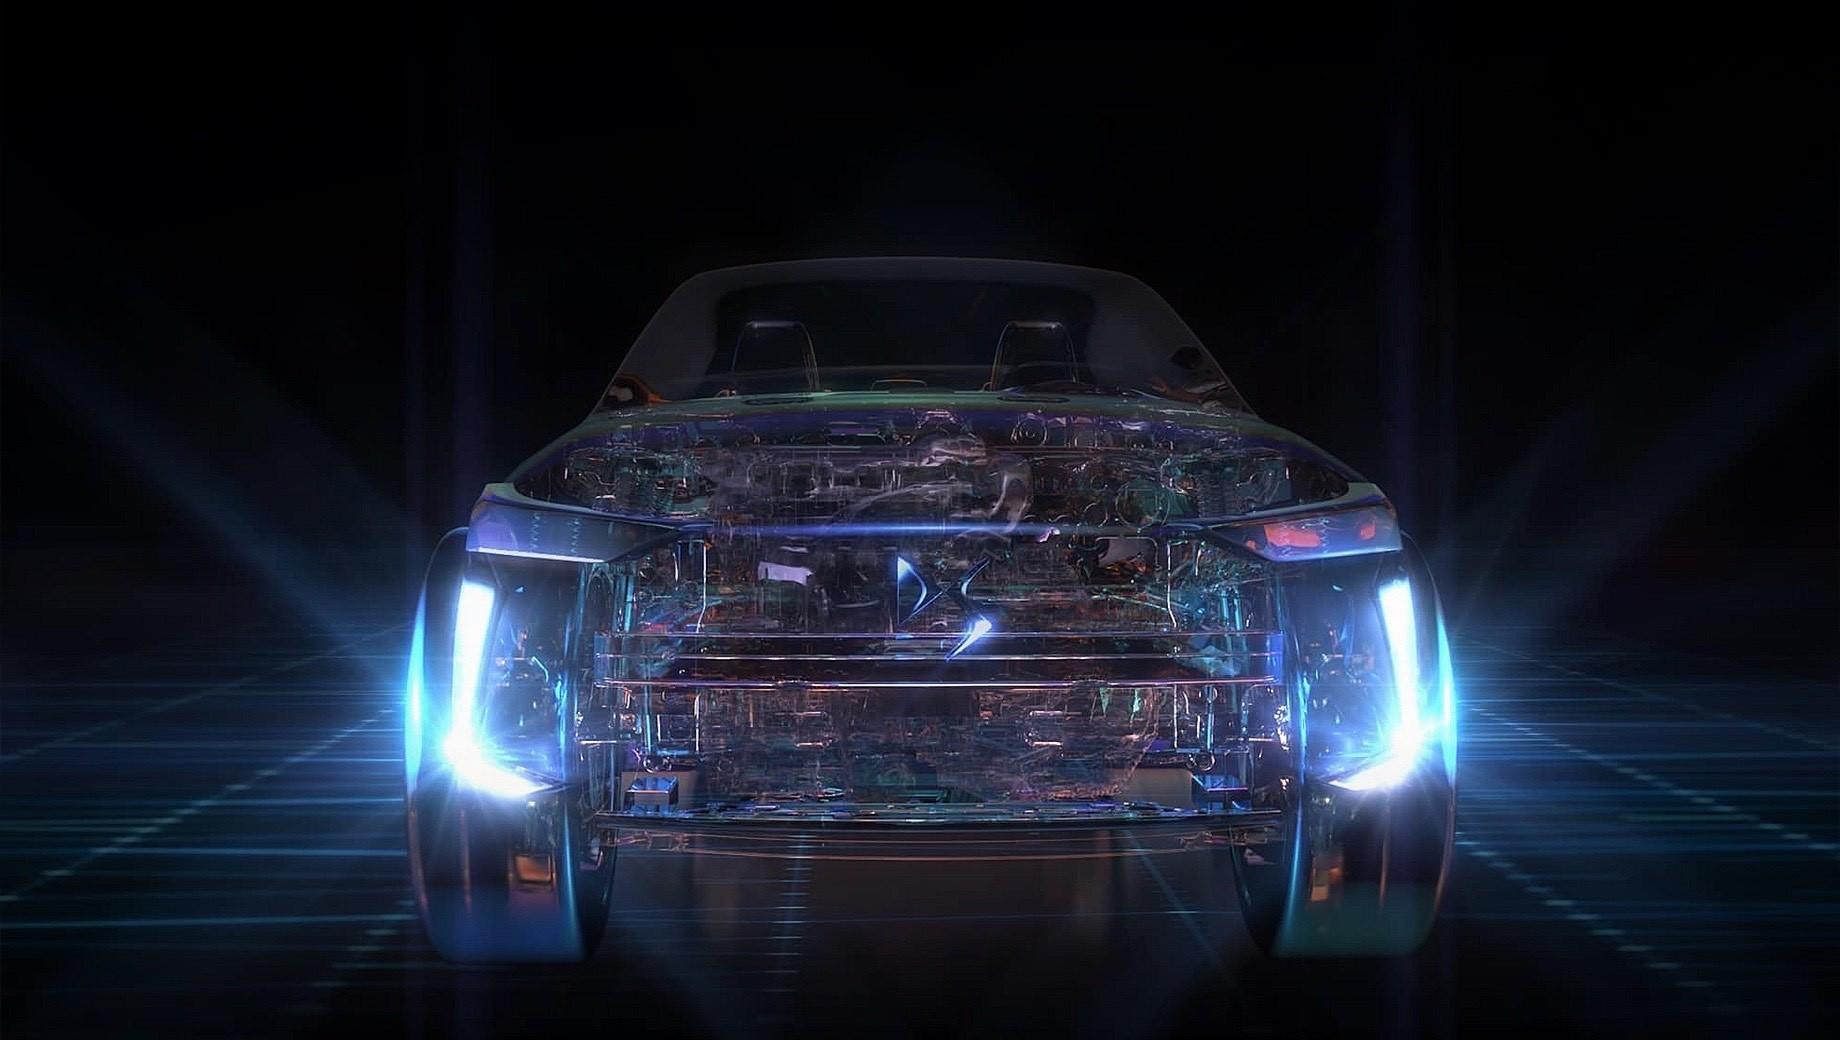 Ds 4,Ds 4. Новый DS 4 кардинально изменится внешне, серьёзной переделке подвергнутся рулевое управление и подвеска, будет вестись обширная работа по уменьшению массы всех компонентов автомобиля. Плюс машина получит автопилот второго уровня — активный круиз-контроль с системой удержания в полосе.